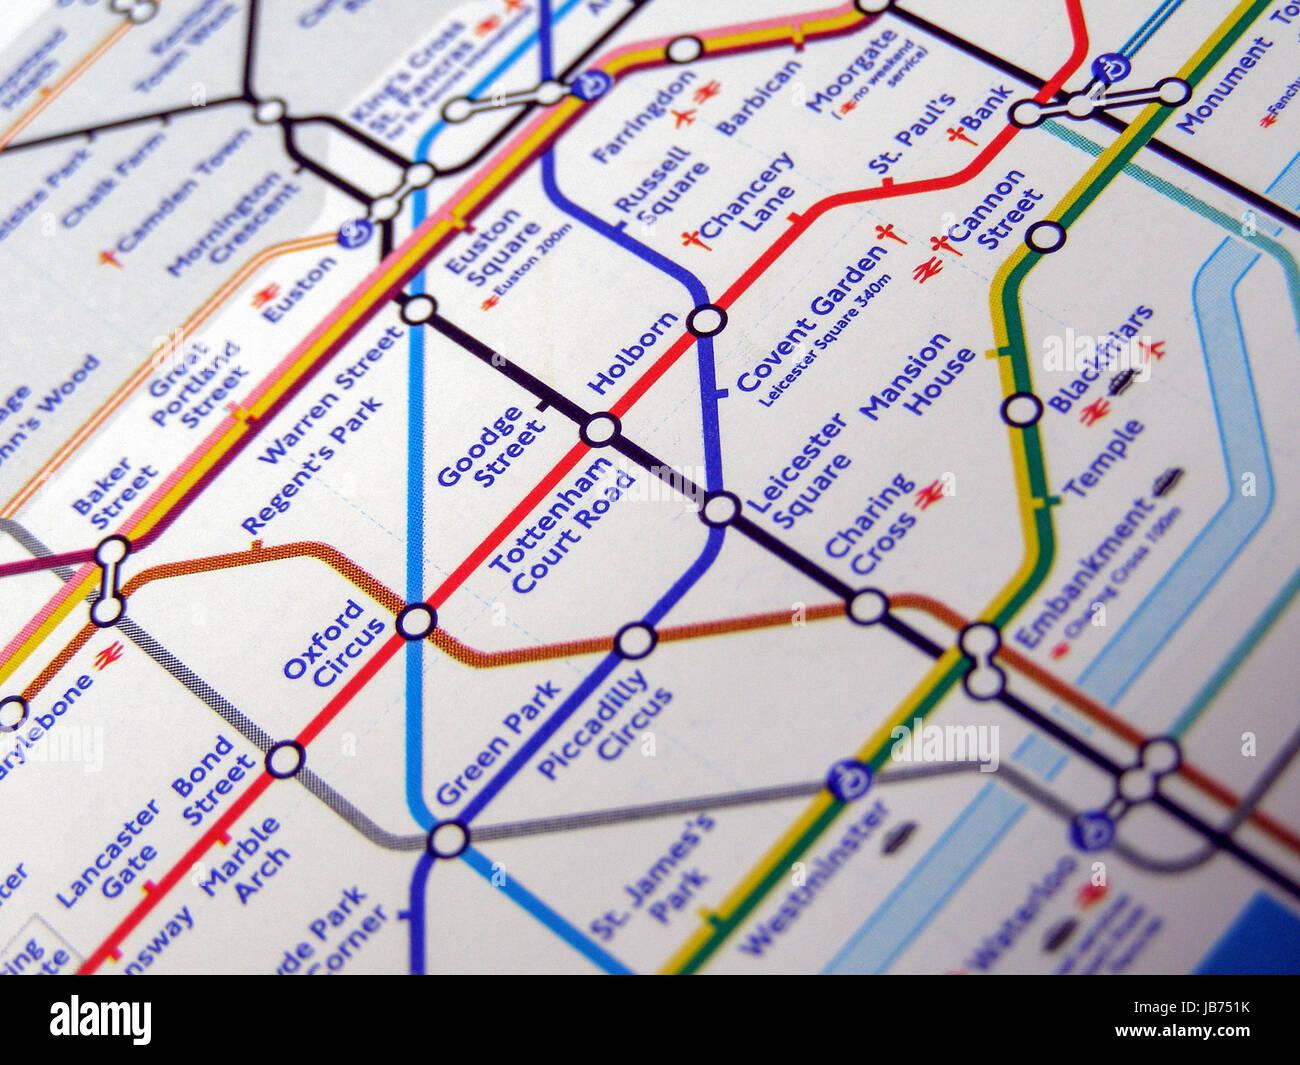 London Underground Subway Map.London England Uk November 04 2007 Tube Map Of The London